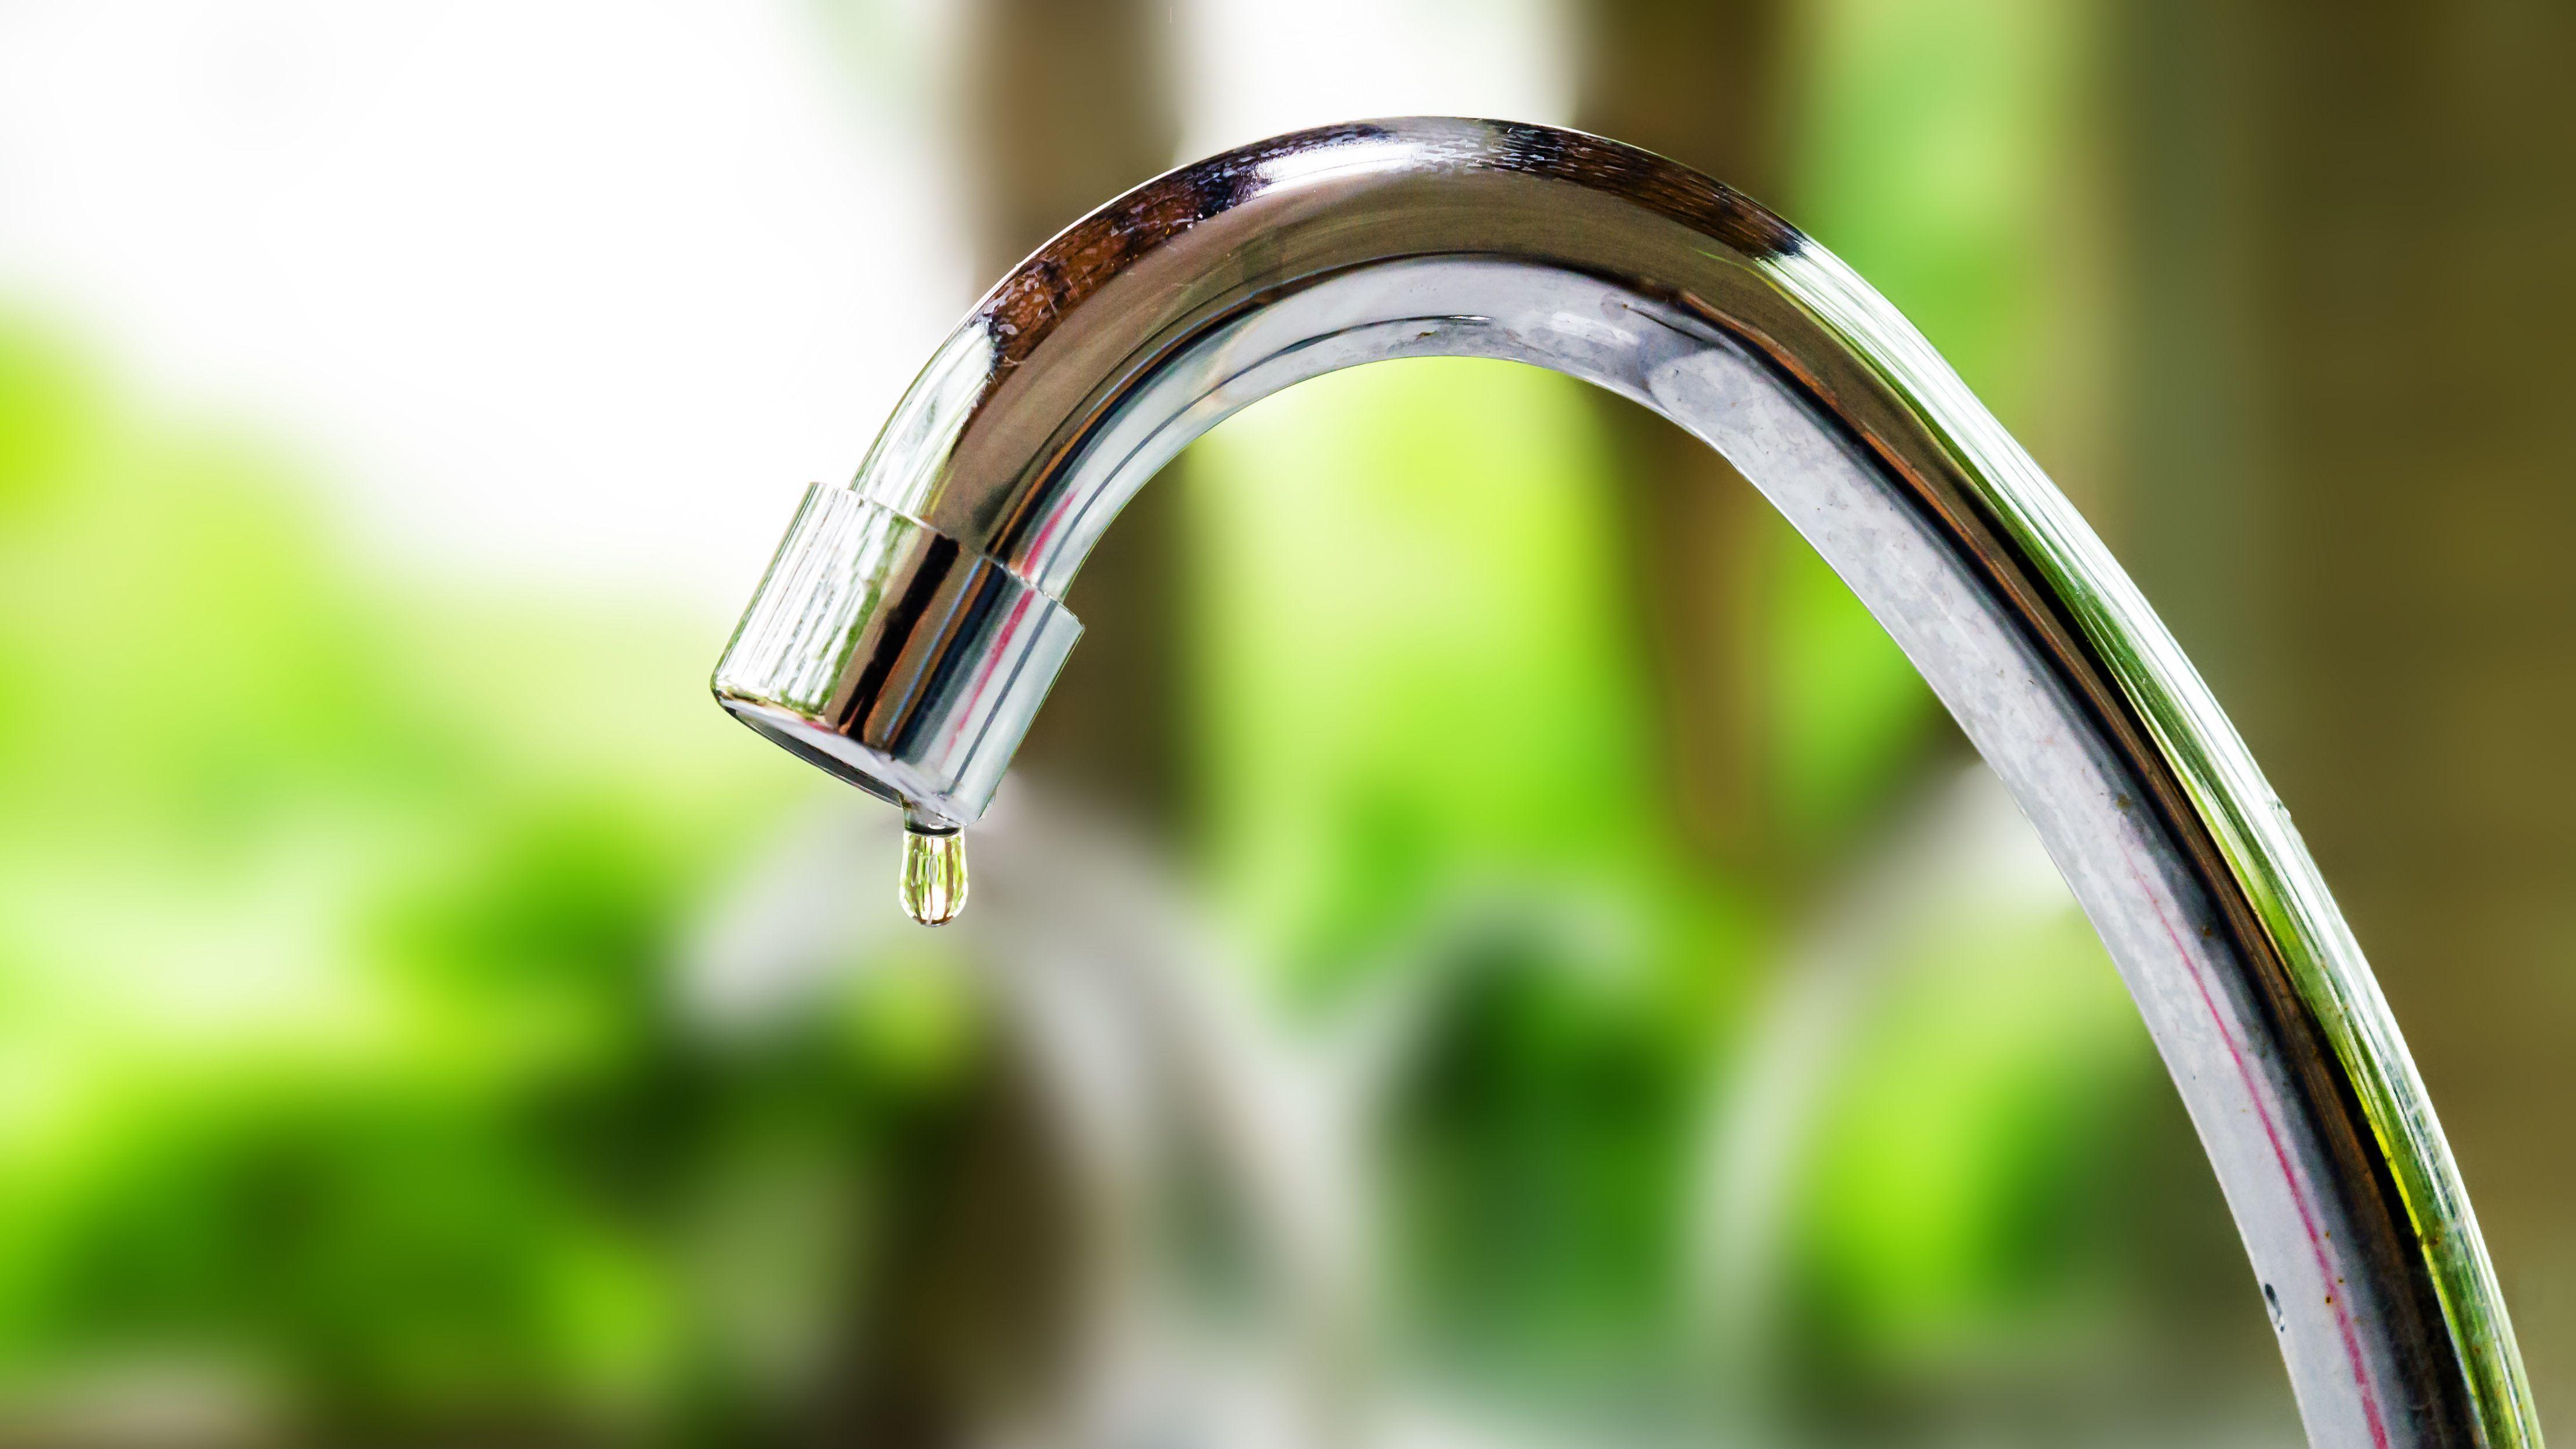 Wasserhahn dichtung Wasserhahn tropft: